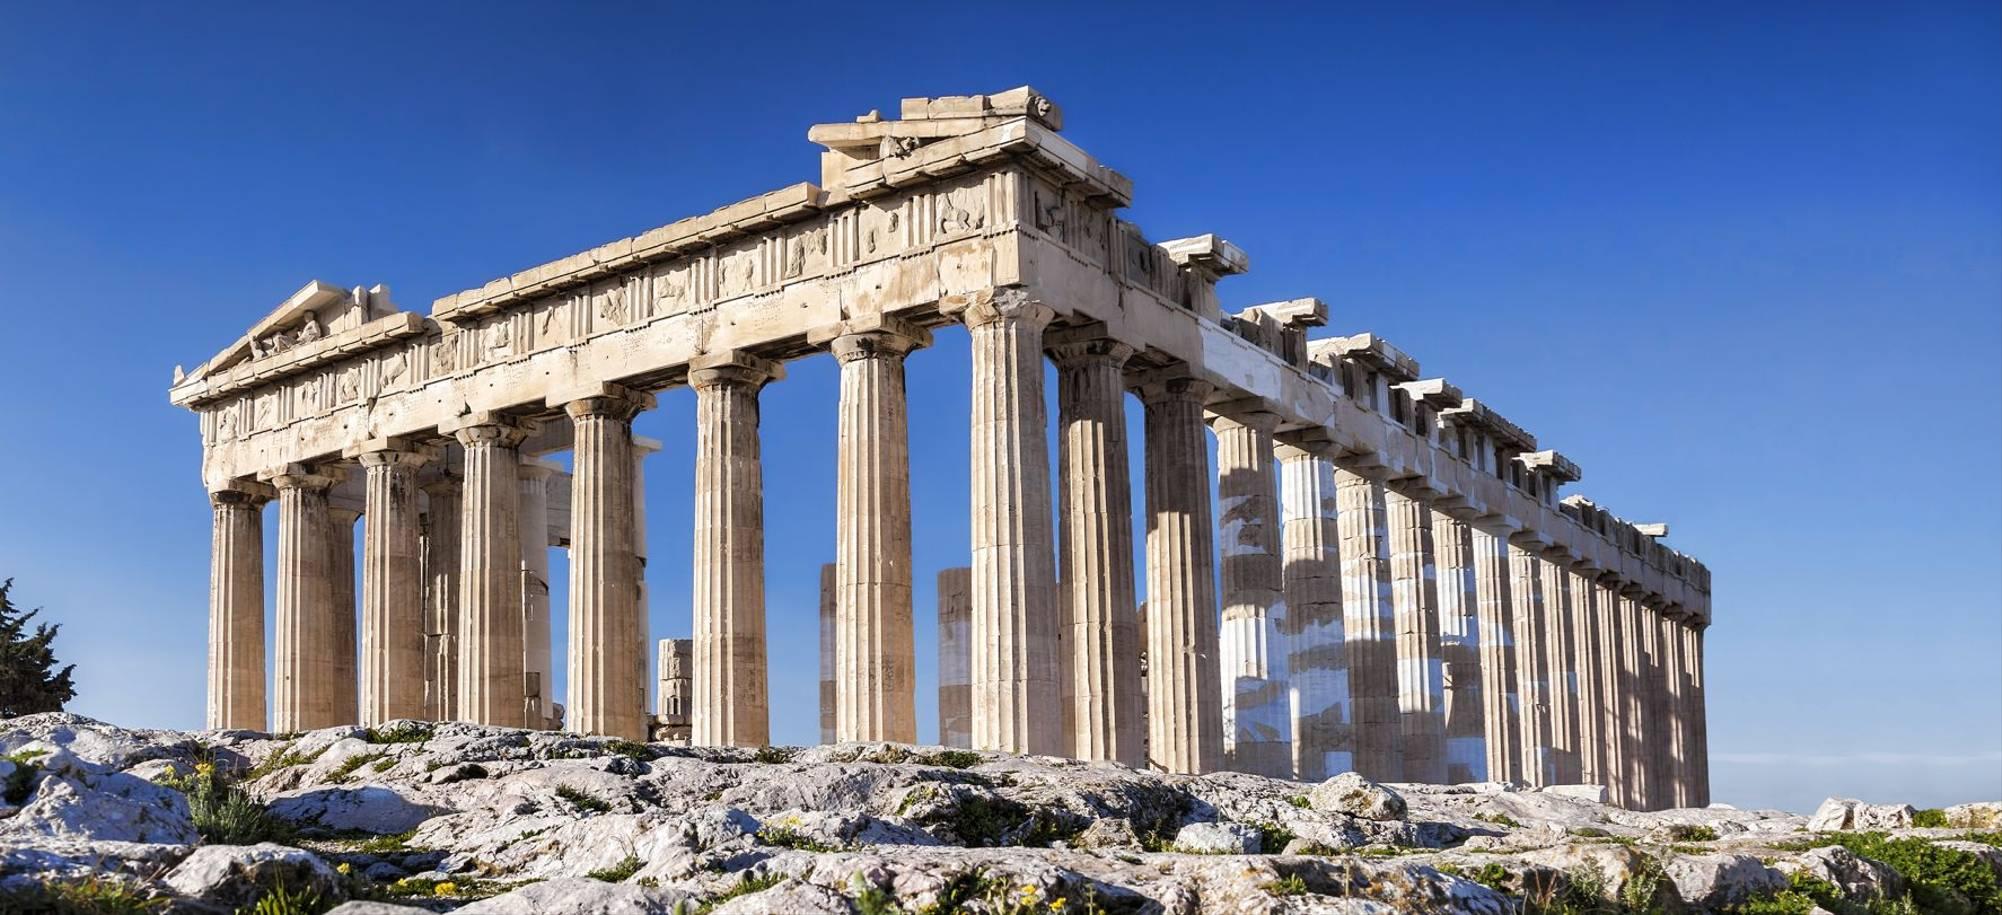 Athens   Parthenon   Itinerary Desktop